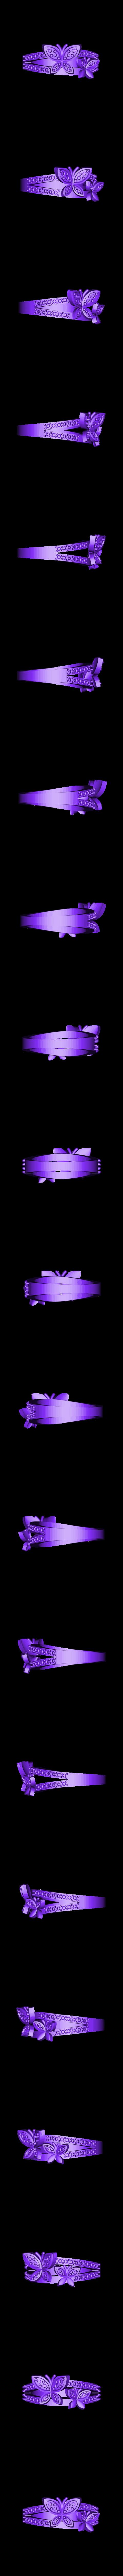 RG27038 .stl Télécharger fichier STL gratuit Modèle CAO 3D pour la belle bague design papillon • Plan imprimable en 3D, VR3D